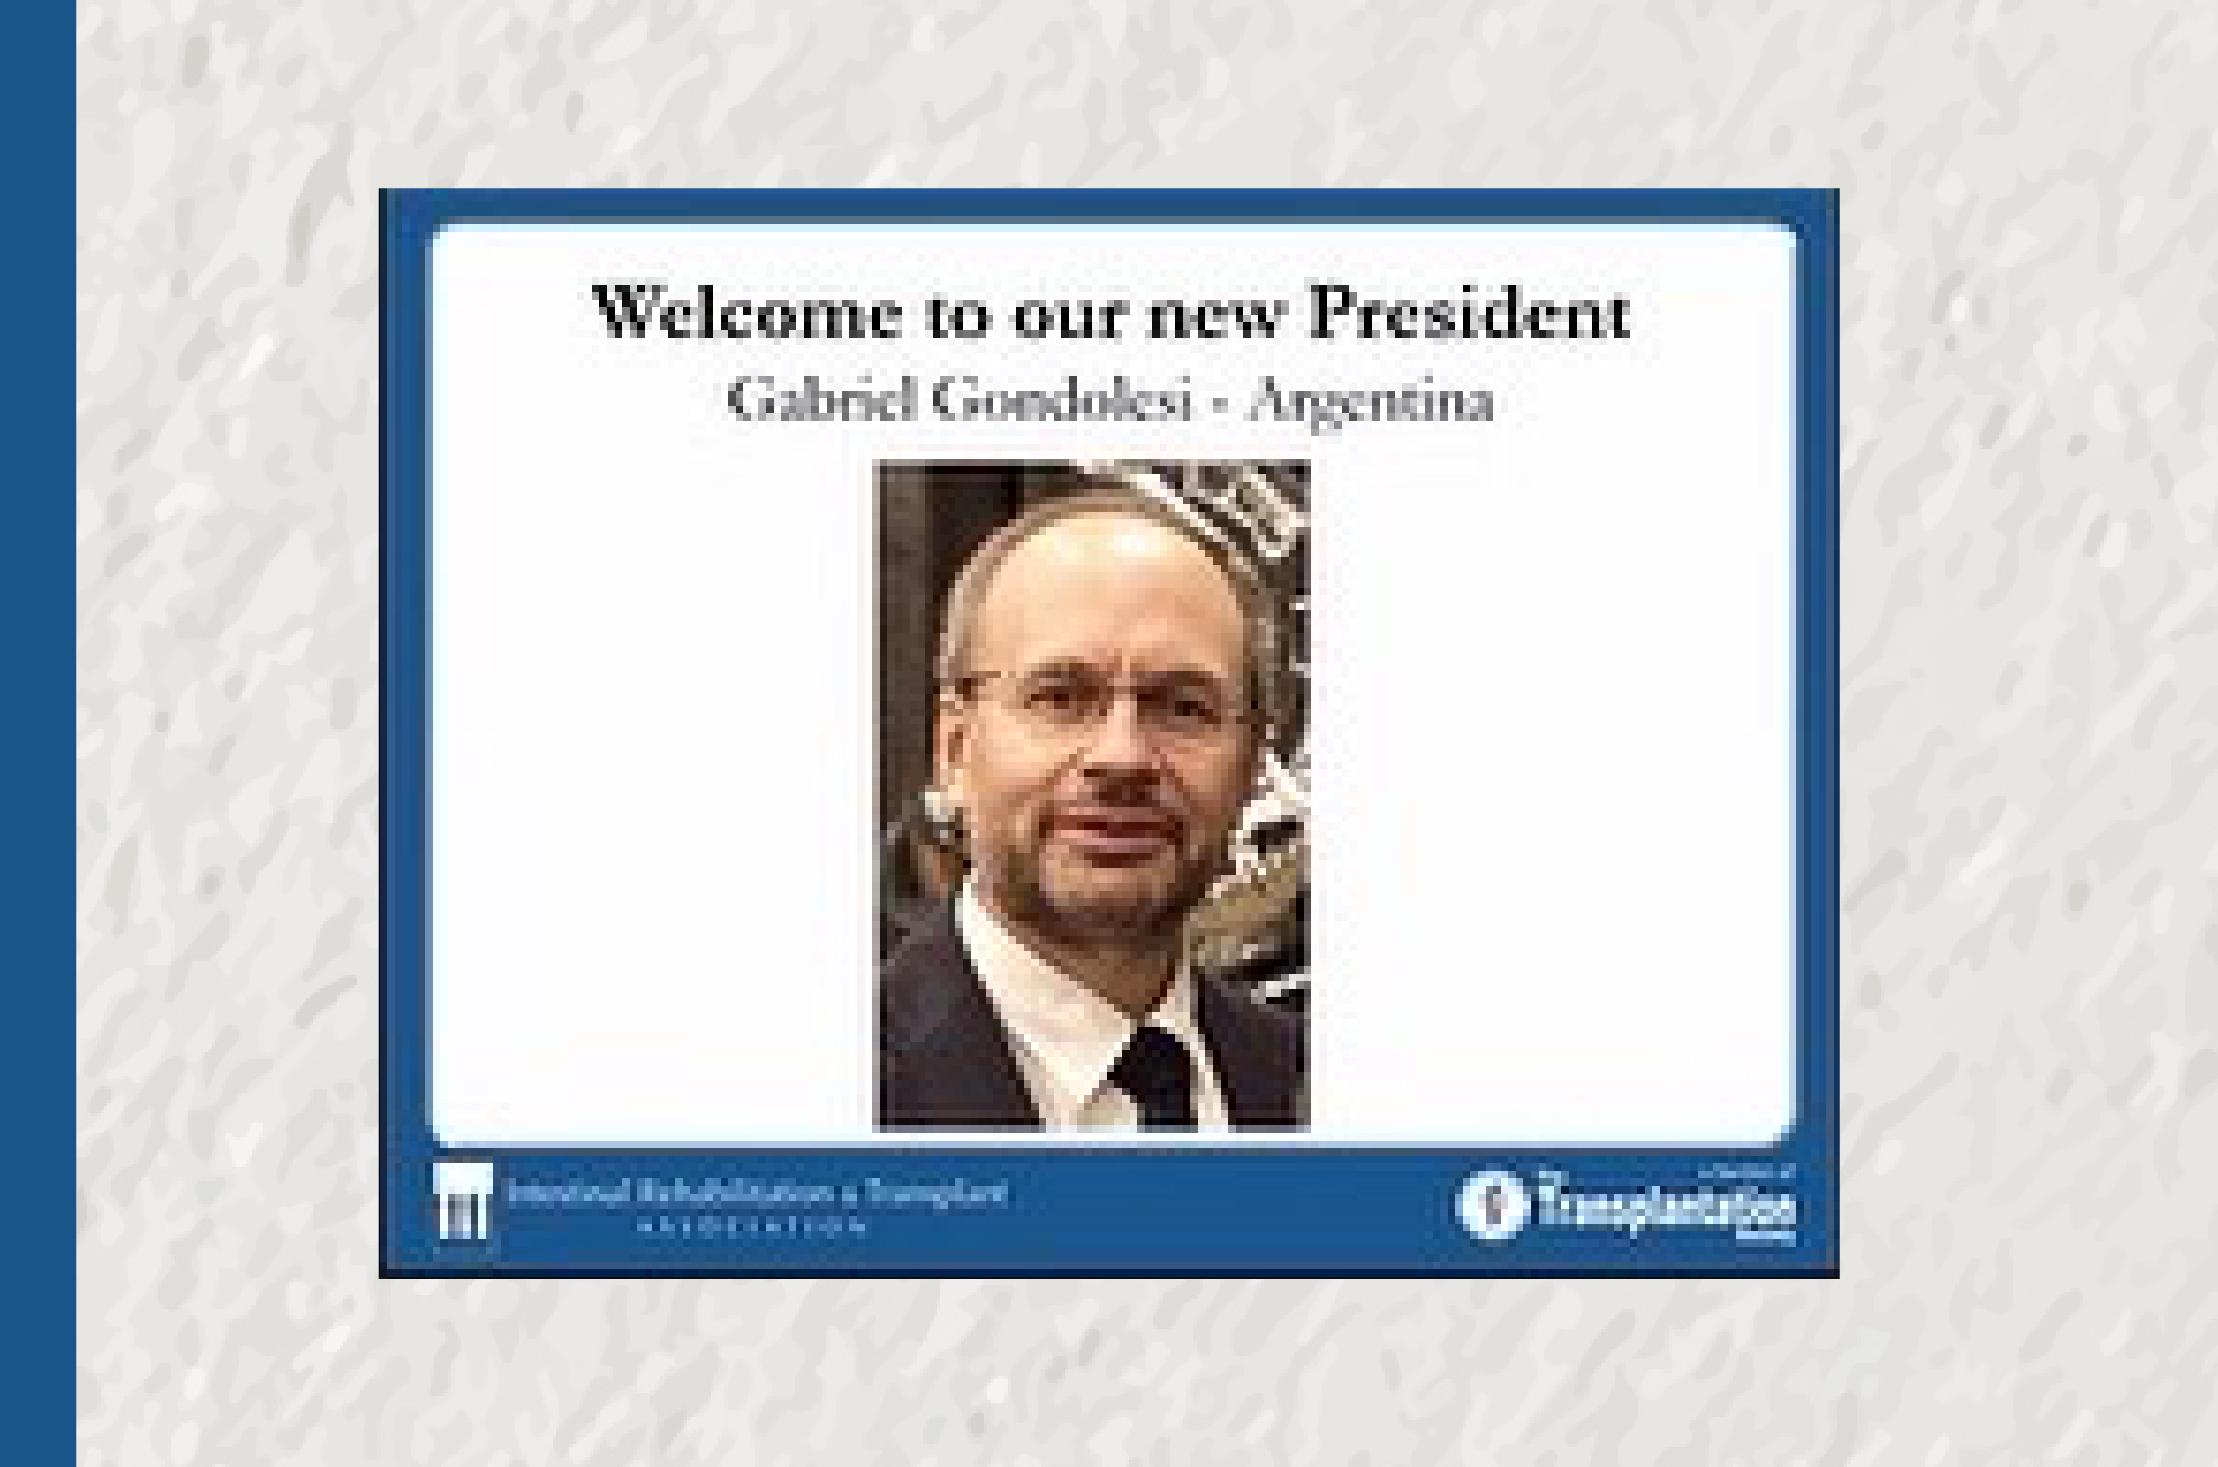 El Dr. Gondolesi, nuevo Presidente de la Asociación Internacional de Rehabilitación y Trasplante Intestinal (IRTA)